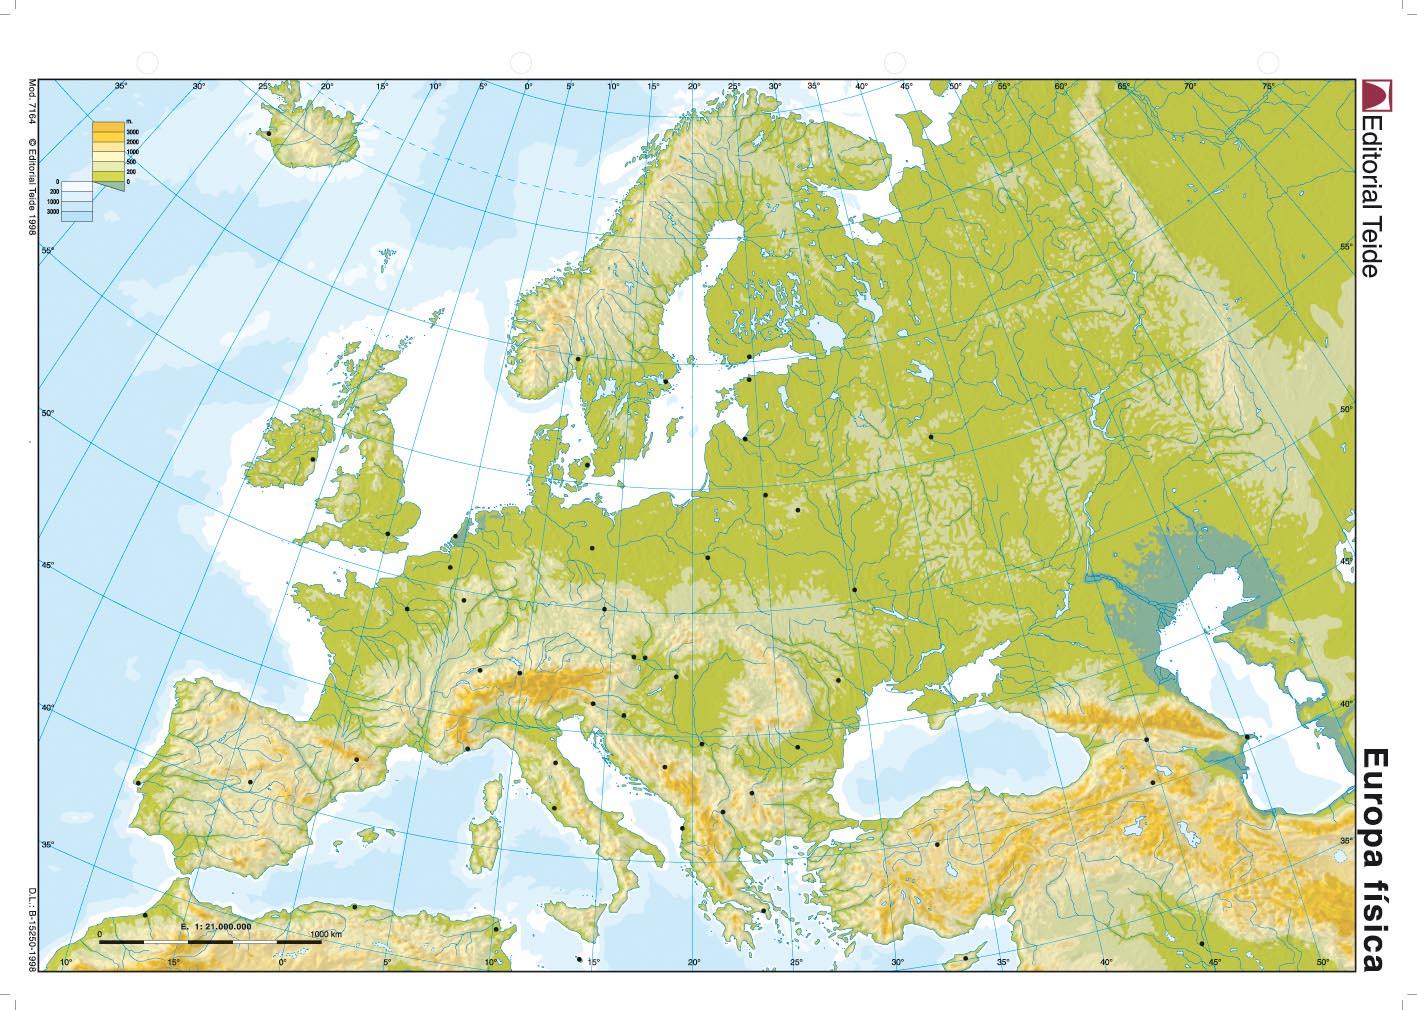 Mapa físico de Europa - ...